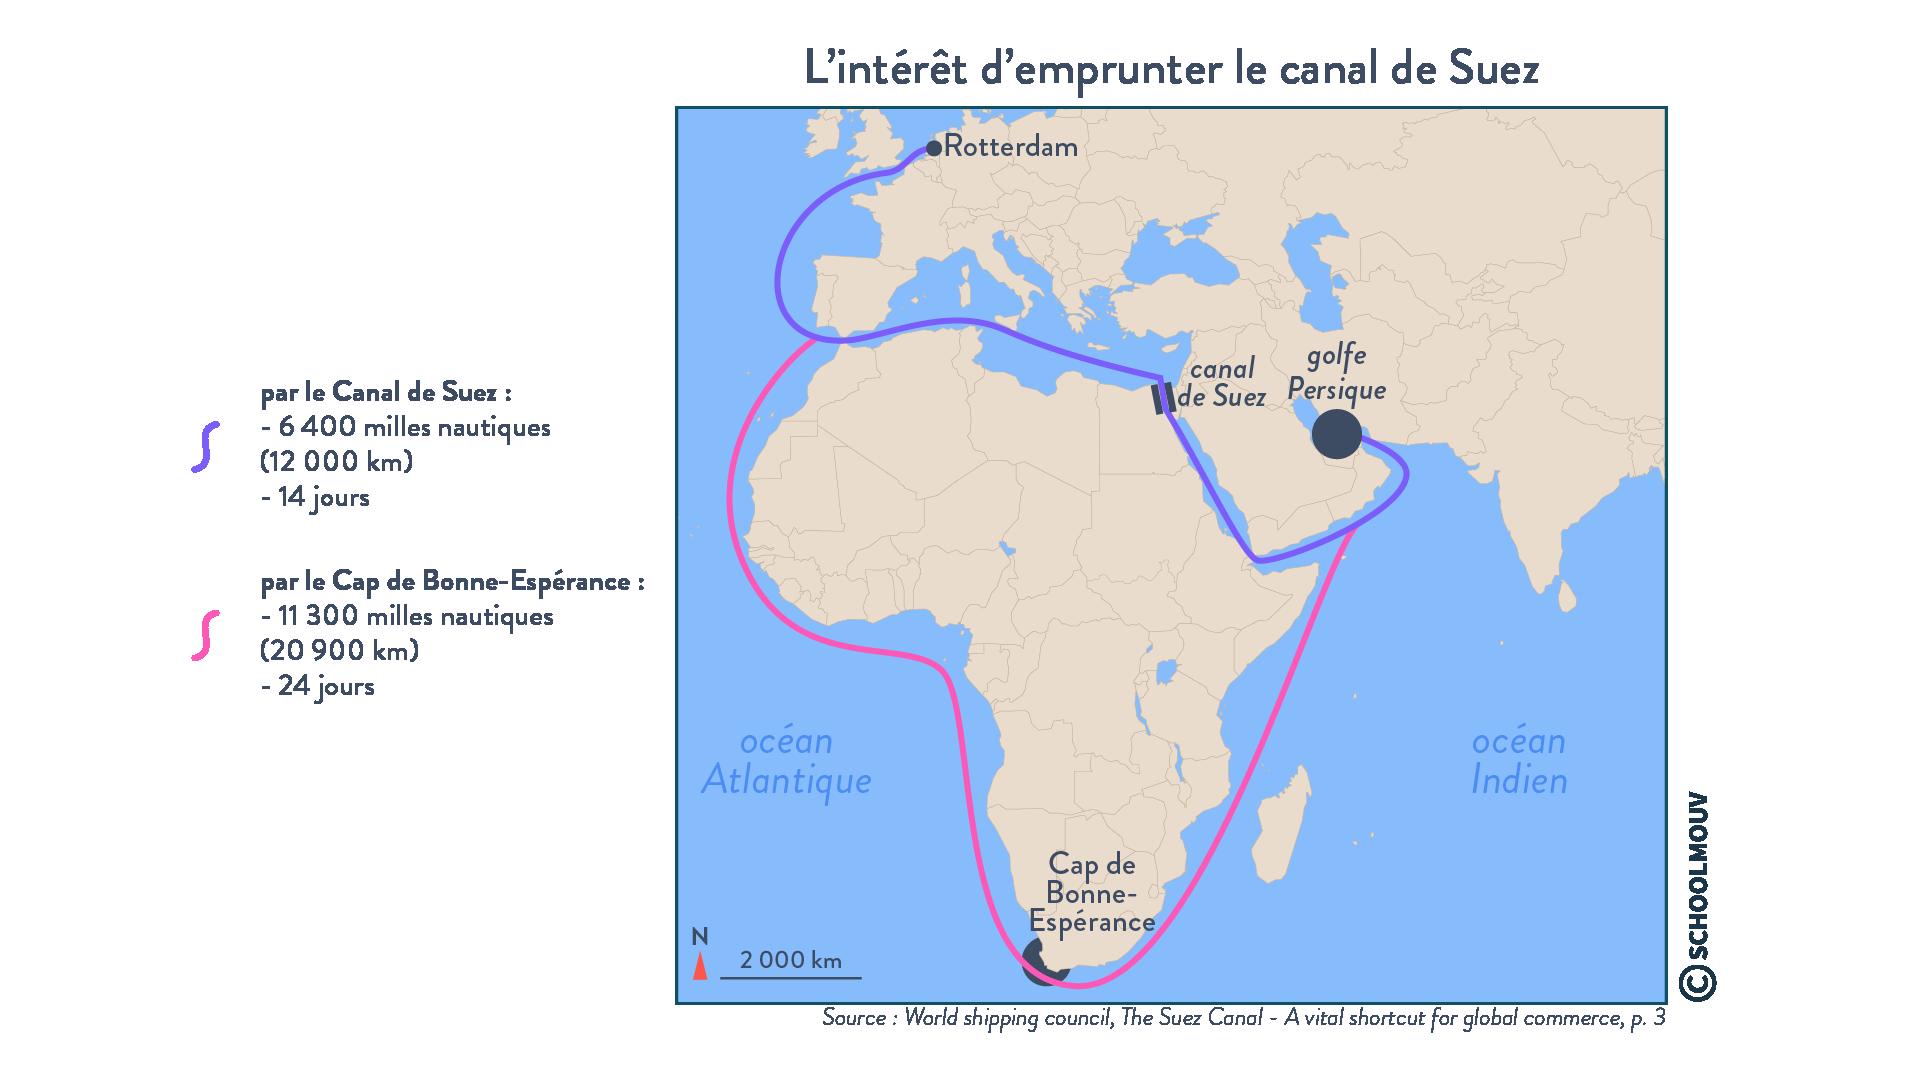 L'intérêt d'emprunter le canal de Suez - géographie - terminale - SchoolMouv